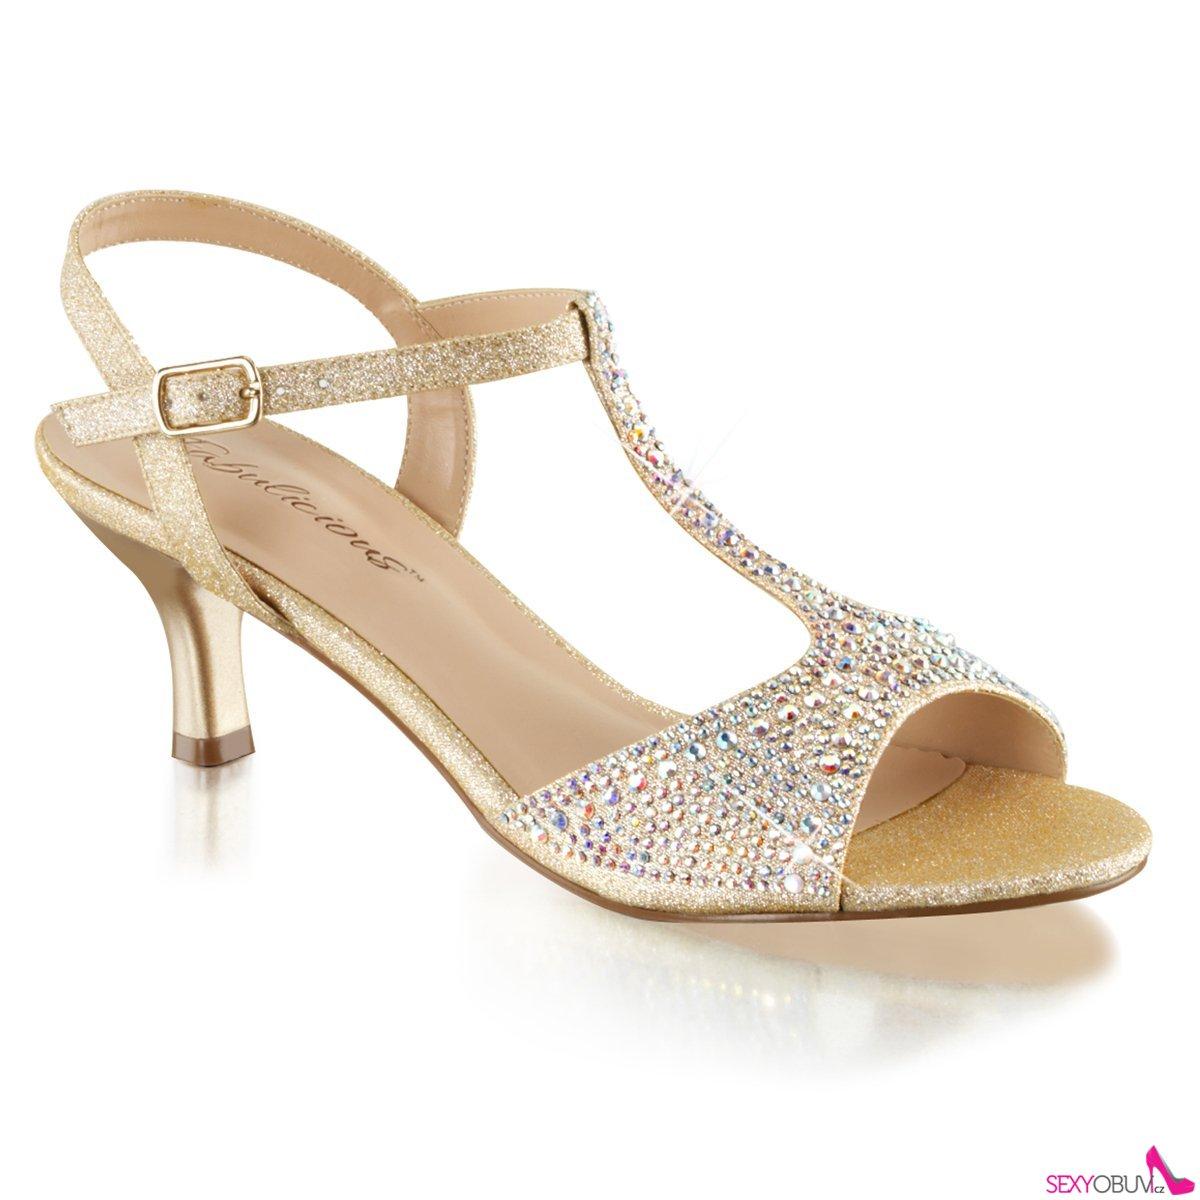 fce0cbe2aa1 AUDREY-05 Béžové společenské sandály na nízkém podpatku